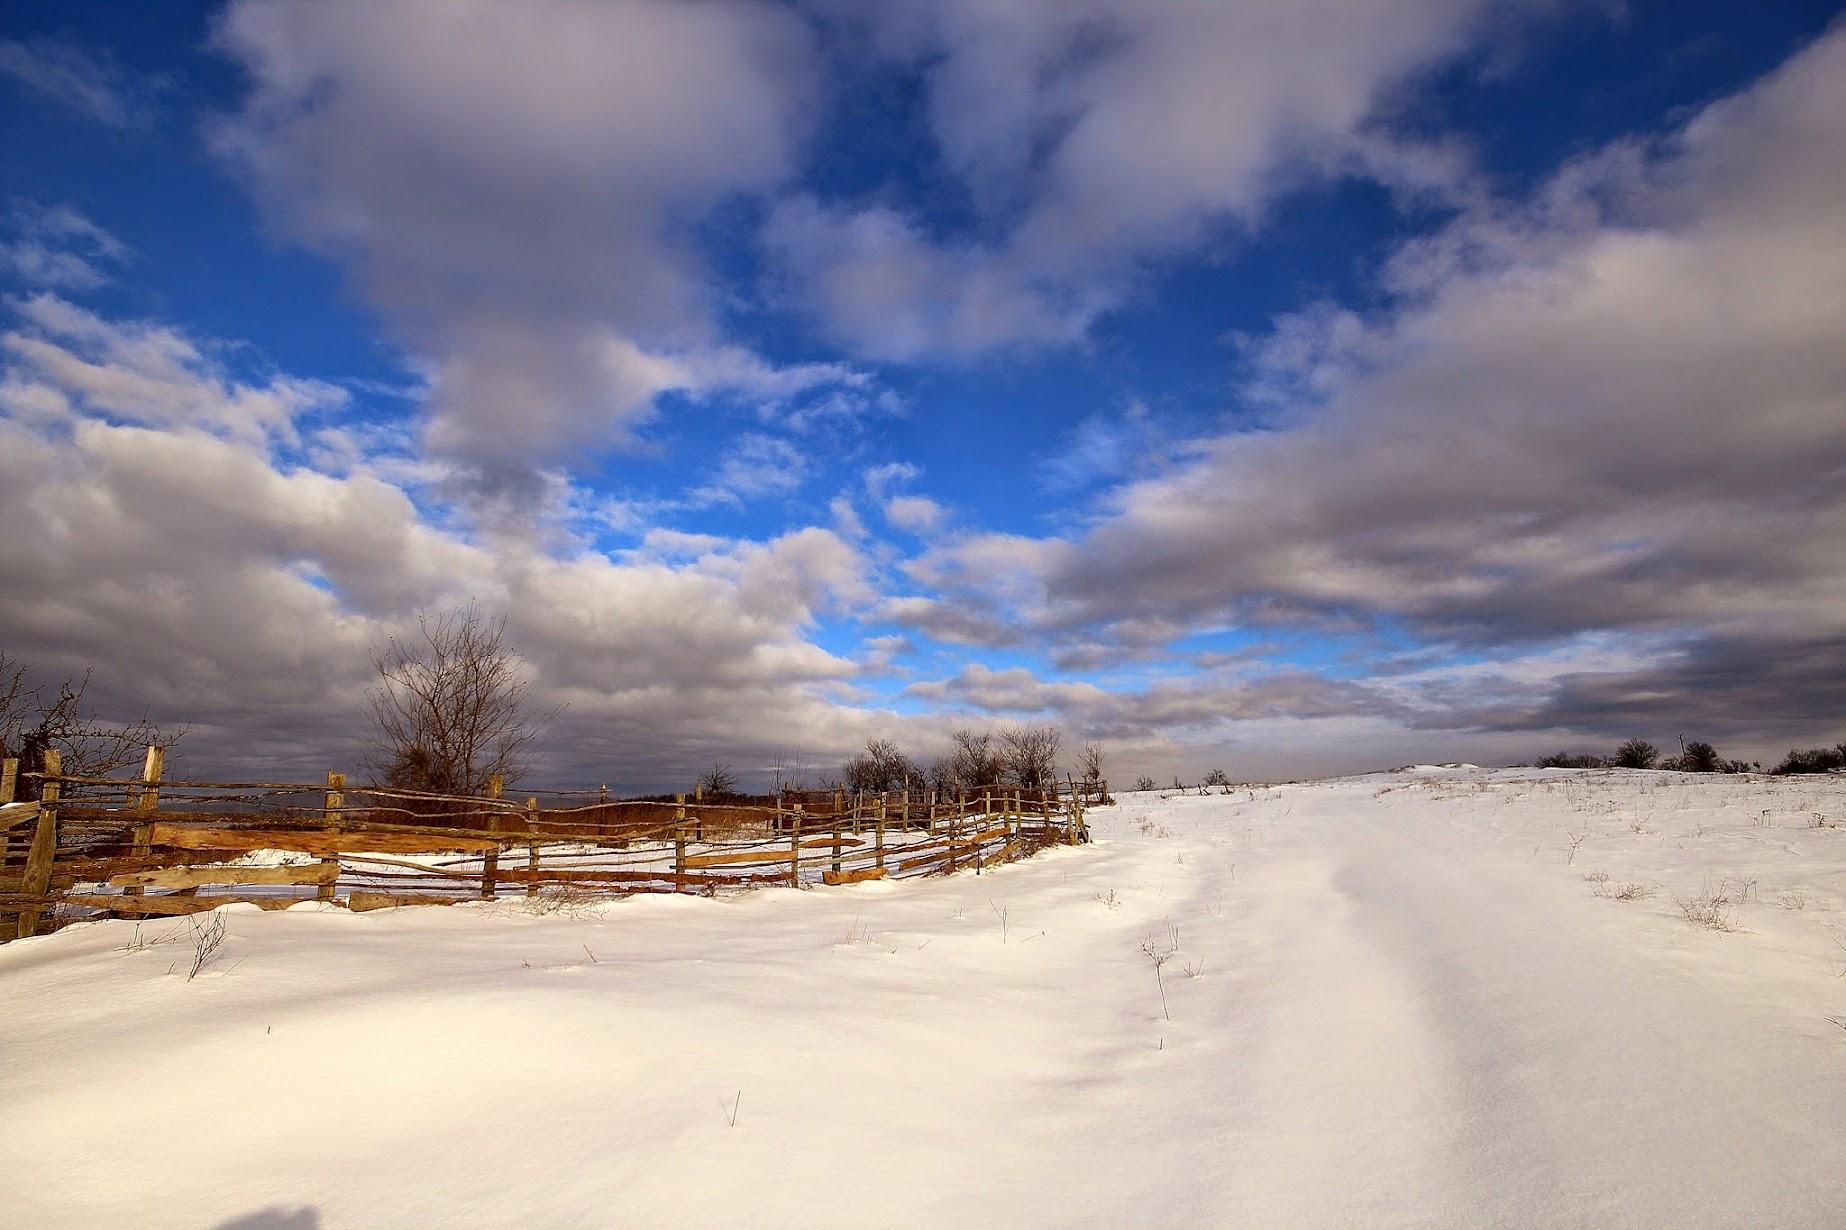 снимки сняг